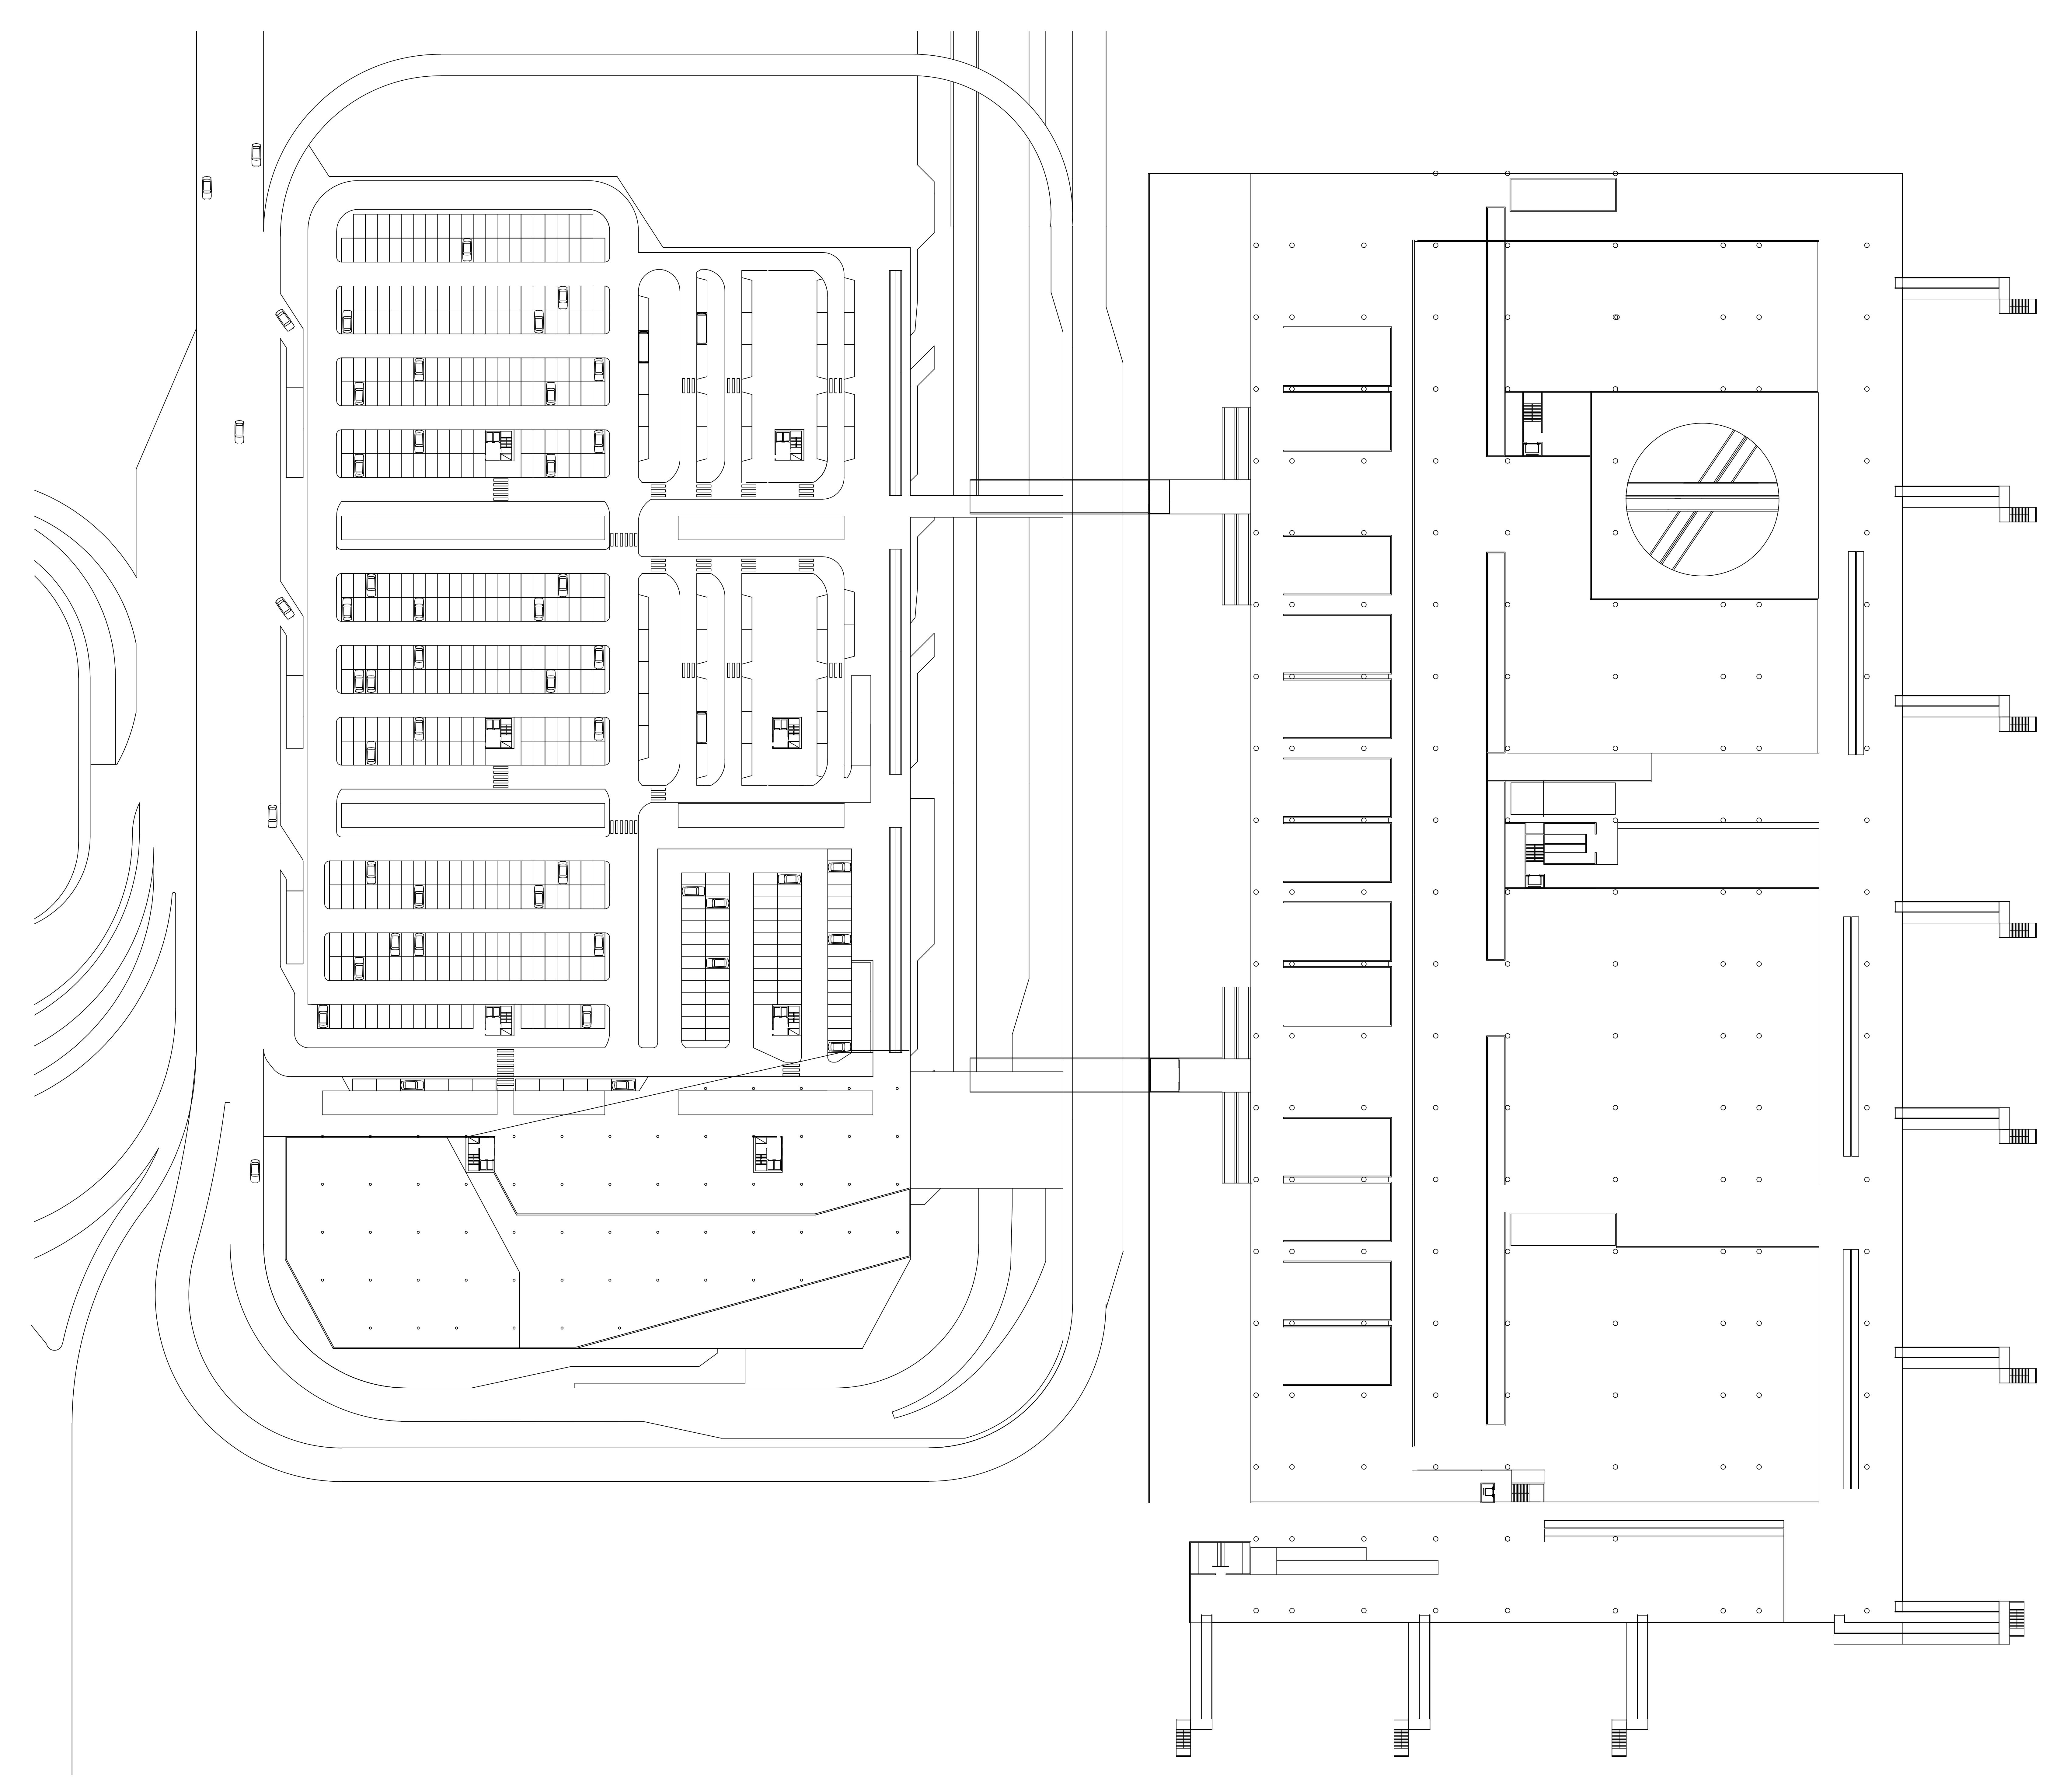 Concurso para la ampliación del aeropuerto de Alicante | Imagen de proyecto5